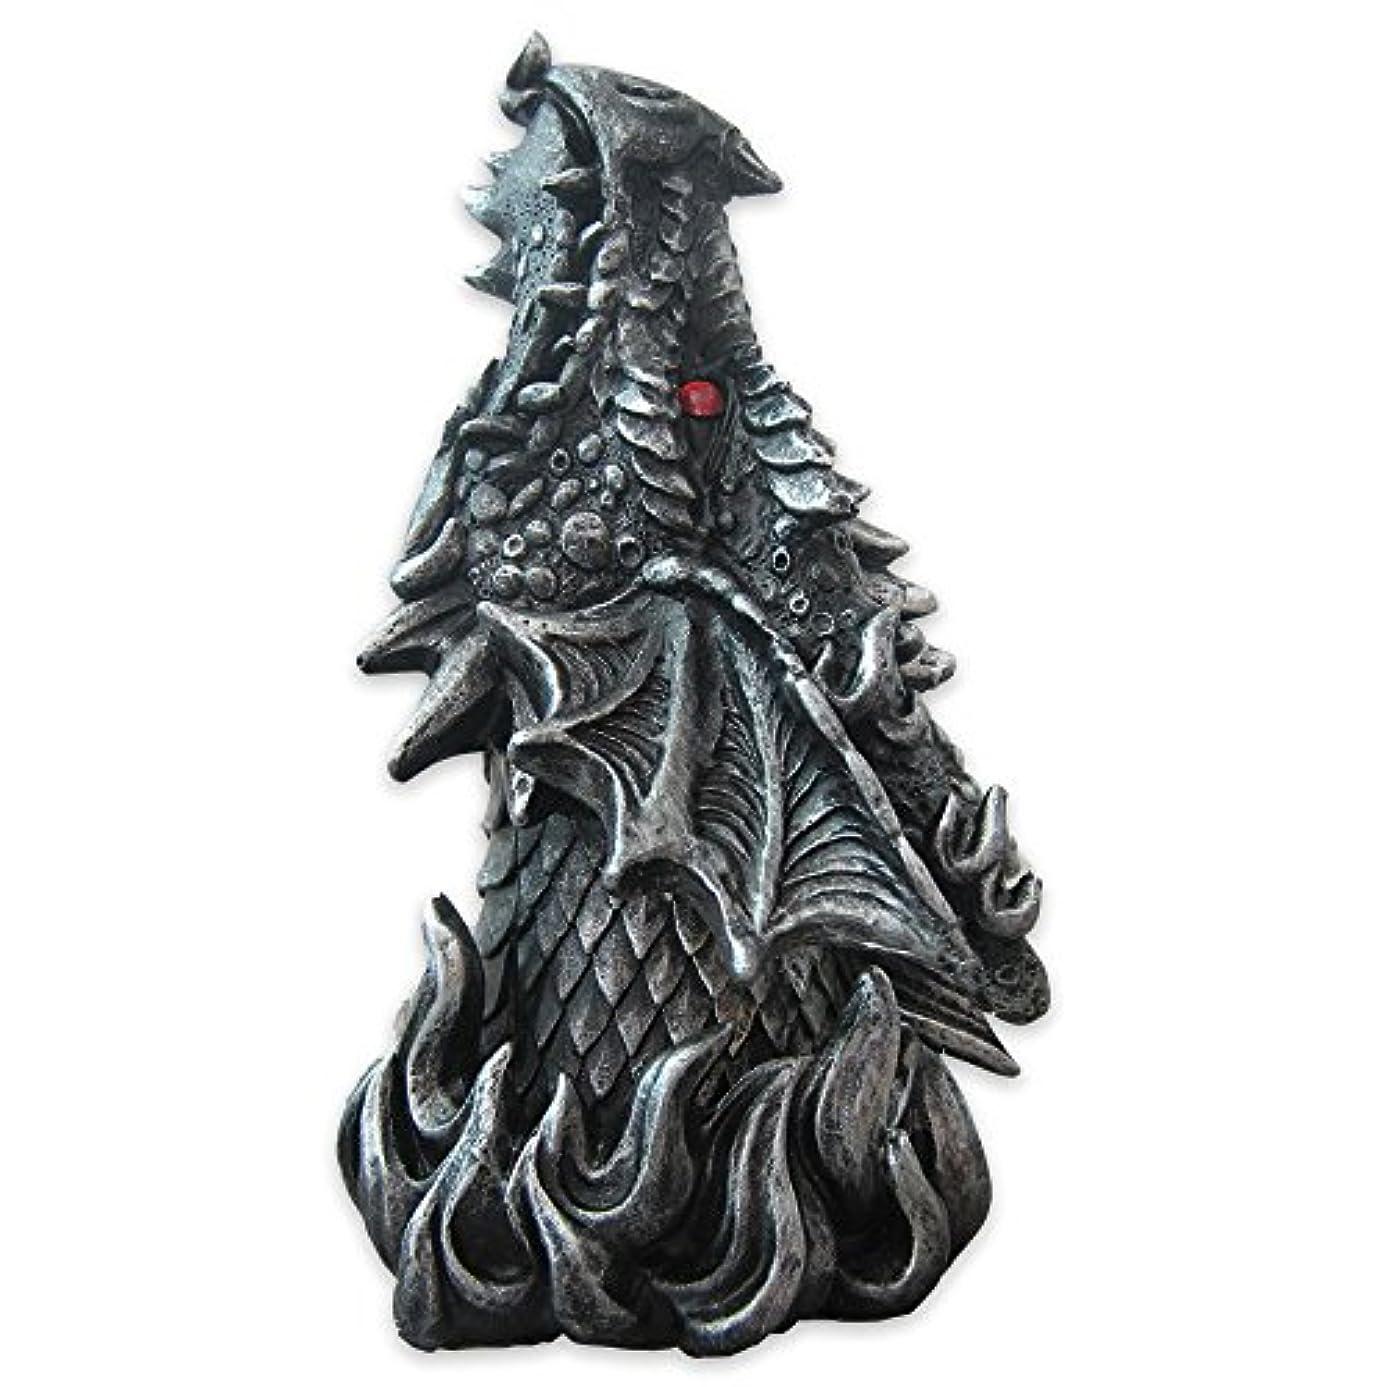 遅れ戻す優遇Dragon Figure Cone Incense Burner Fiery Eyes - Gothic Smoke Breathing Decor